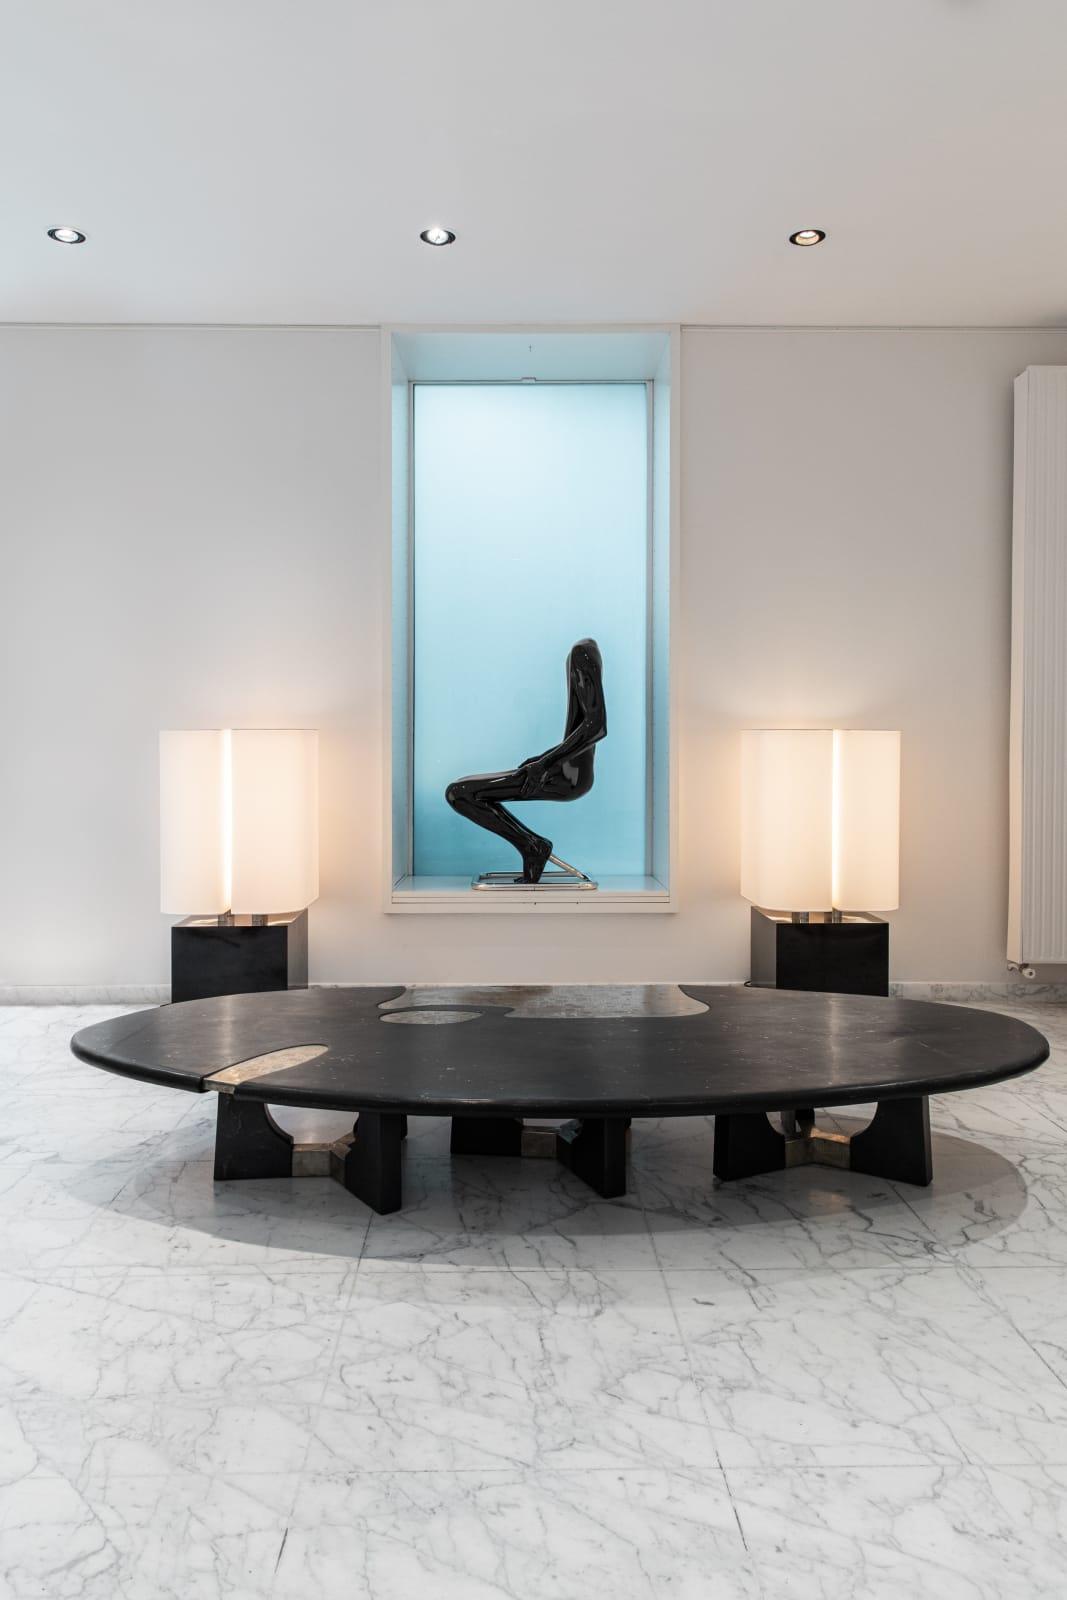 Léo coffee table, Emmanuel Jonckers Brasilia lamps, Michel Boyer L'homme chair, Ruth Francken